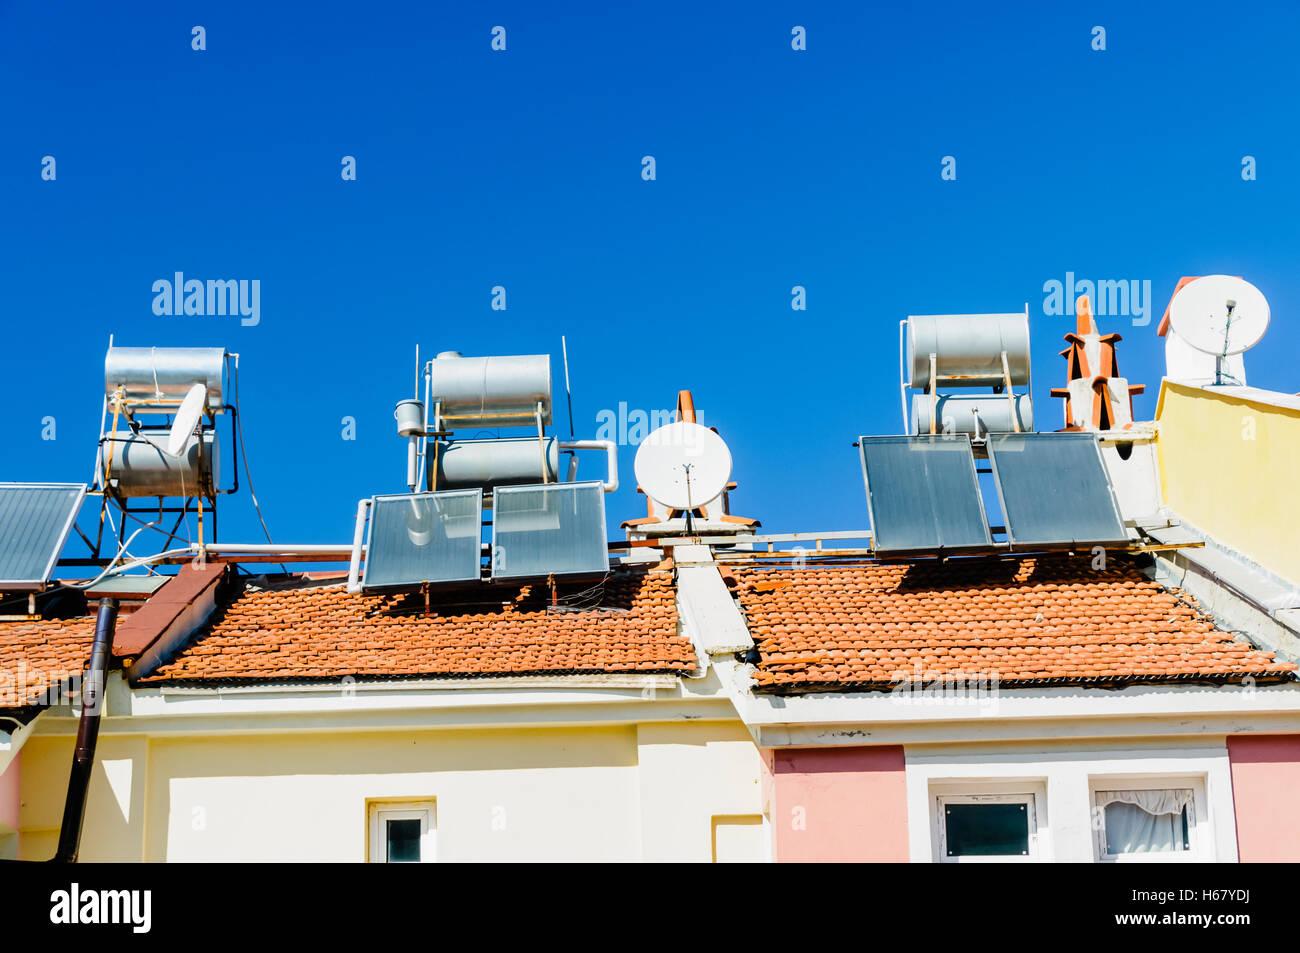 Caloriferi di Acqua Solari e le antenne paraboliche sul tetto di un edificio in un clima caldo. Immagini Stock